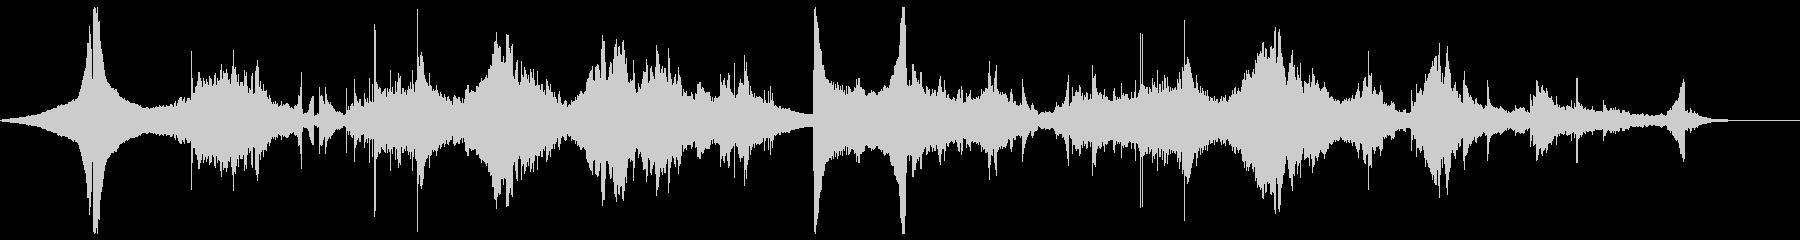 リバース音を使った不思議な幻想的BGMの未再生の波形